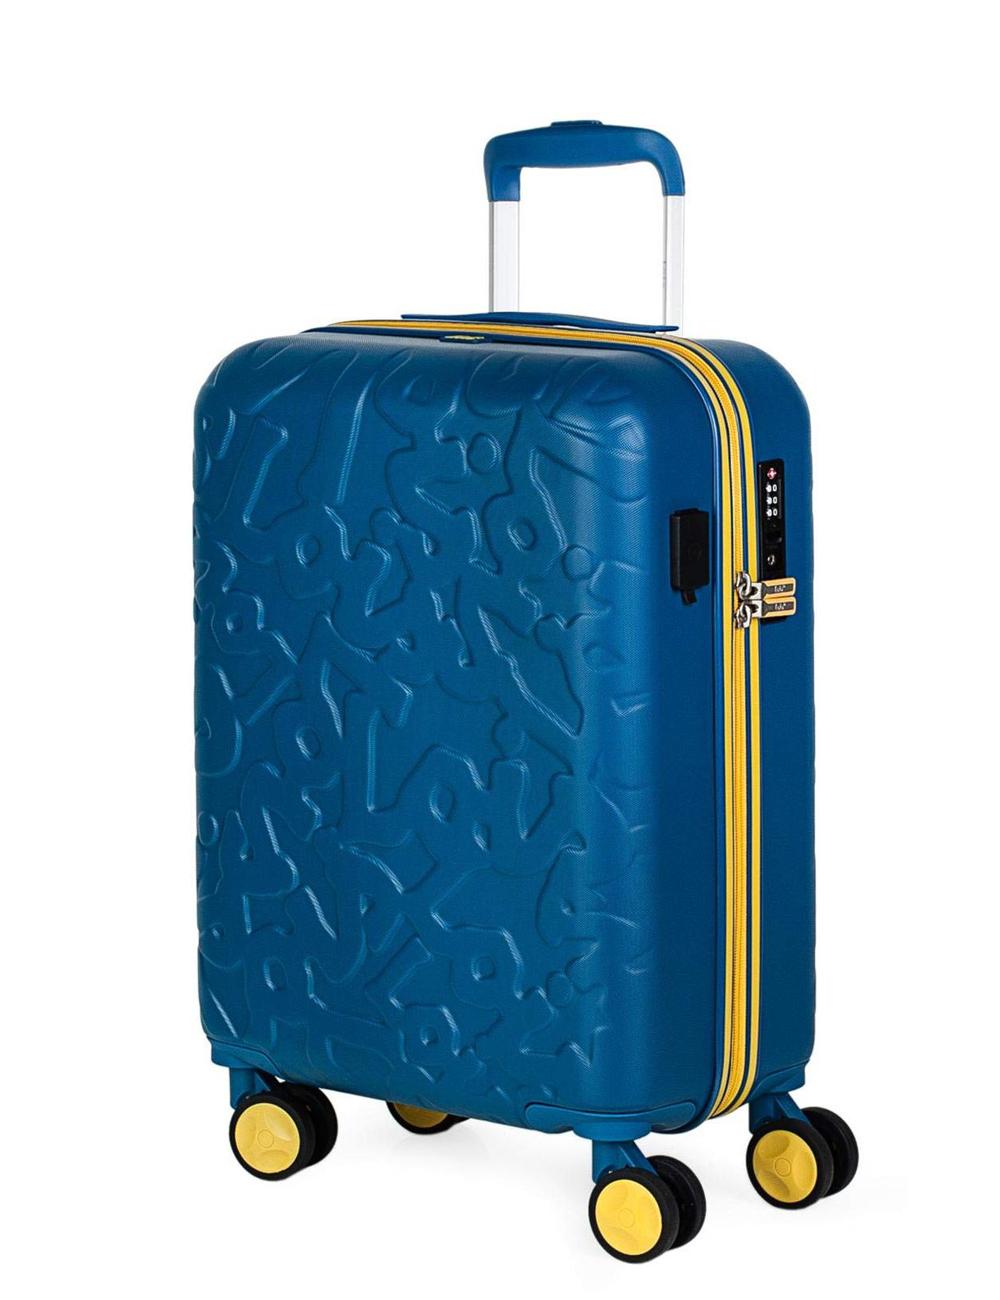 Maleta de Cabina Lois Zion Azul 17115001